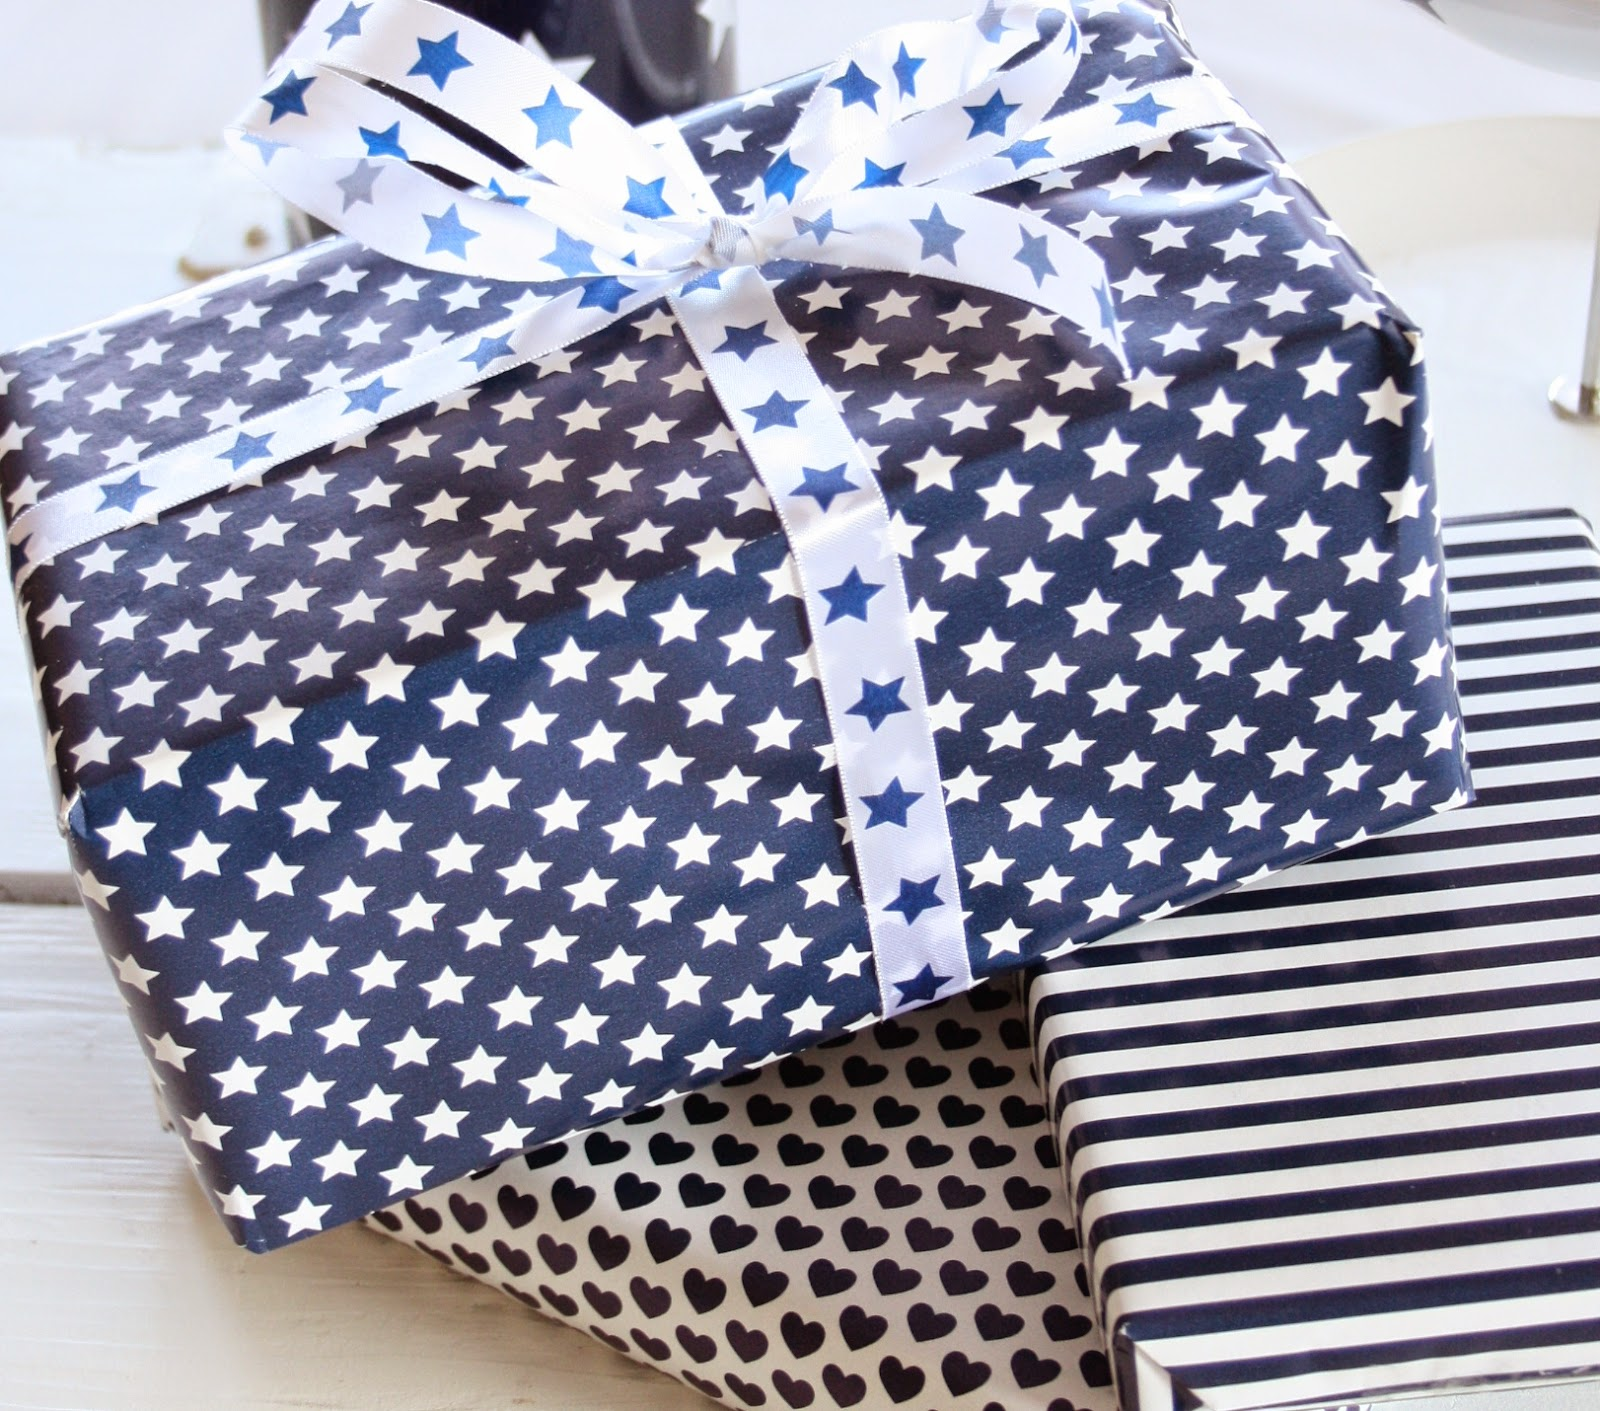 Das richtige Geschenk bei Geschenke für Frauen